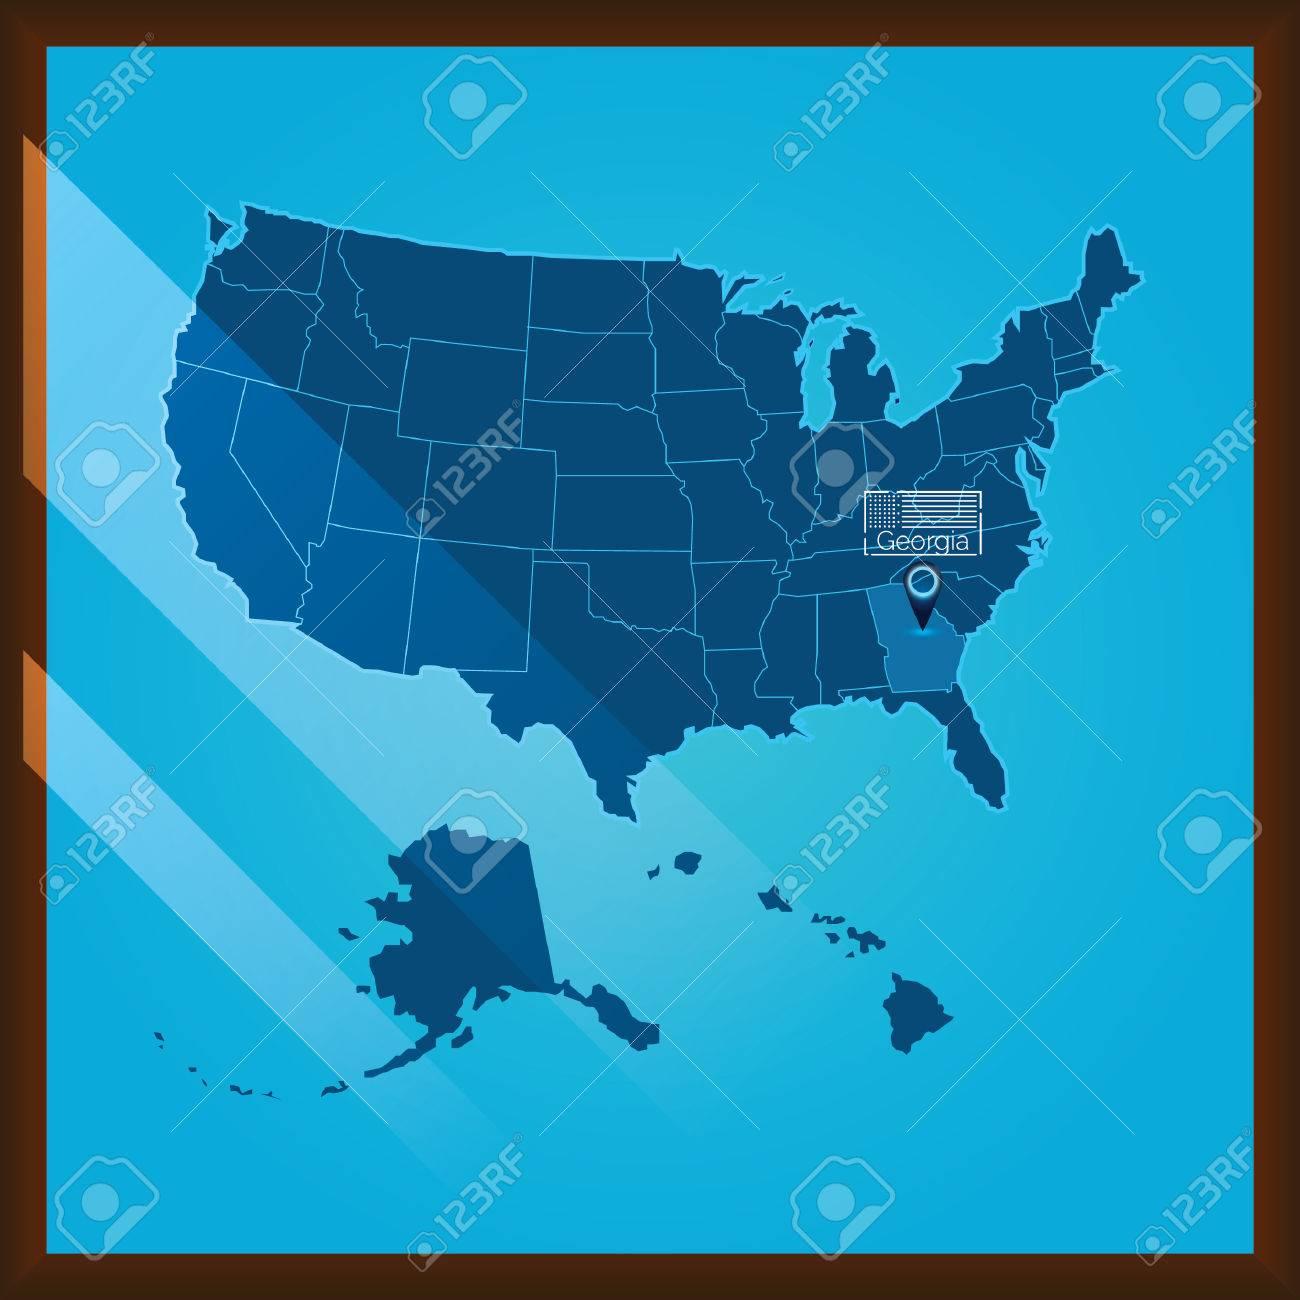 Navigation pointer indicating georgia state on US map on fort benning georgia base map, georgia counties map, georgia usa, alabama and georgia map, georgia on map of asia, georgia road map, georgia on georgia, georgia highways, georgia tourism map, georgia state map, georgia on world map, georgia on europe map, united states map, georgia shape map, georgia population density map,